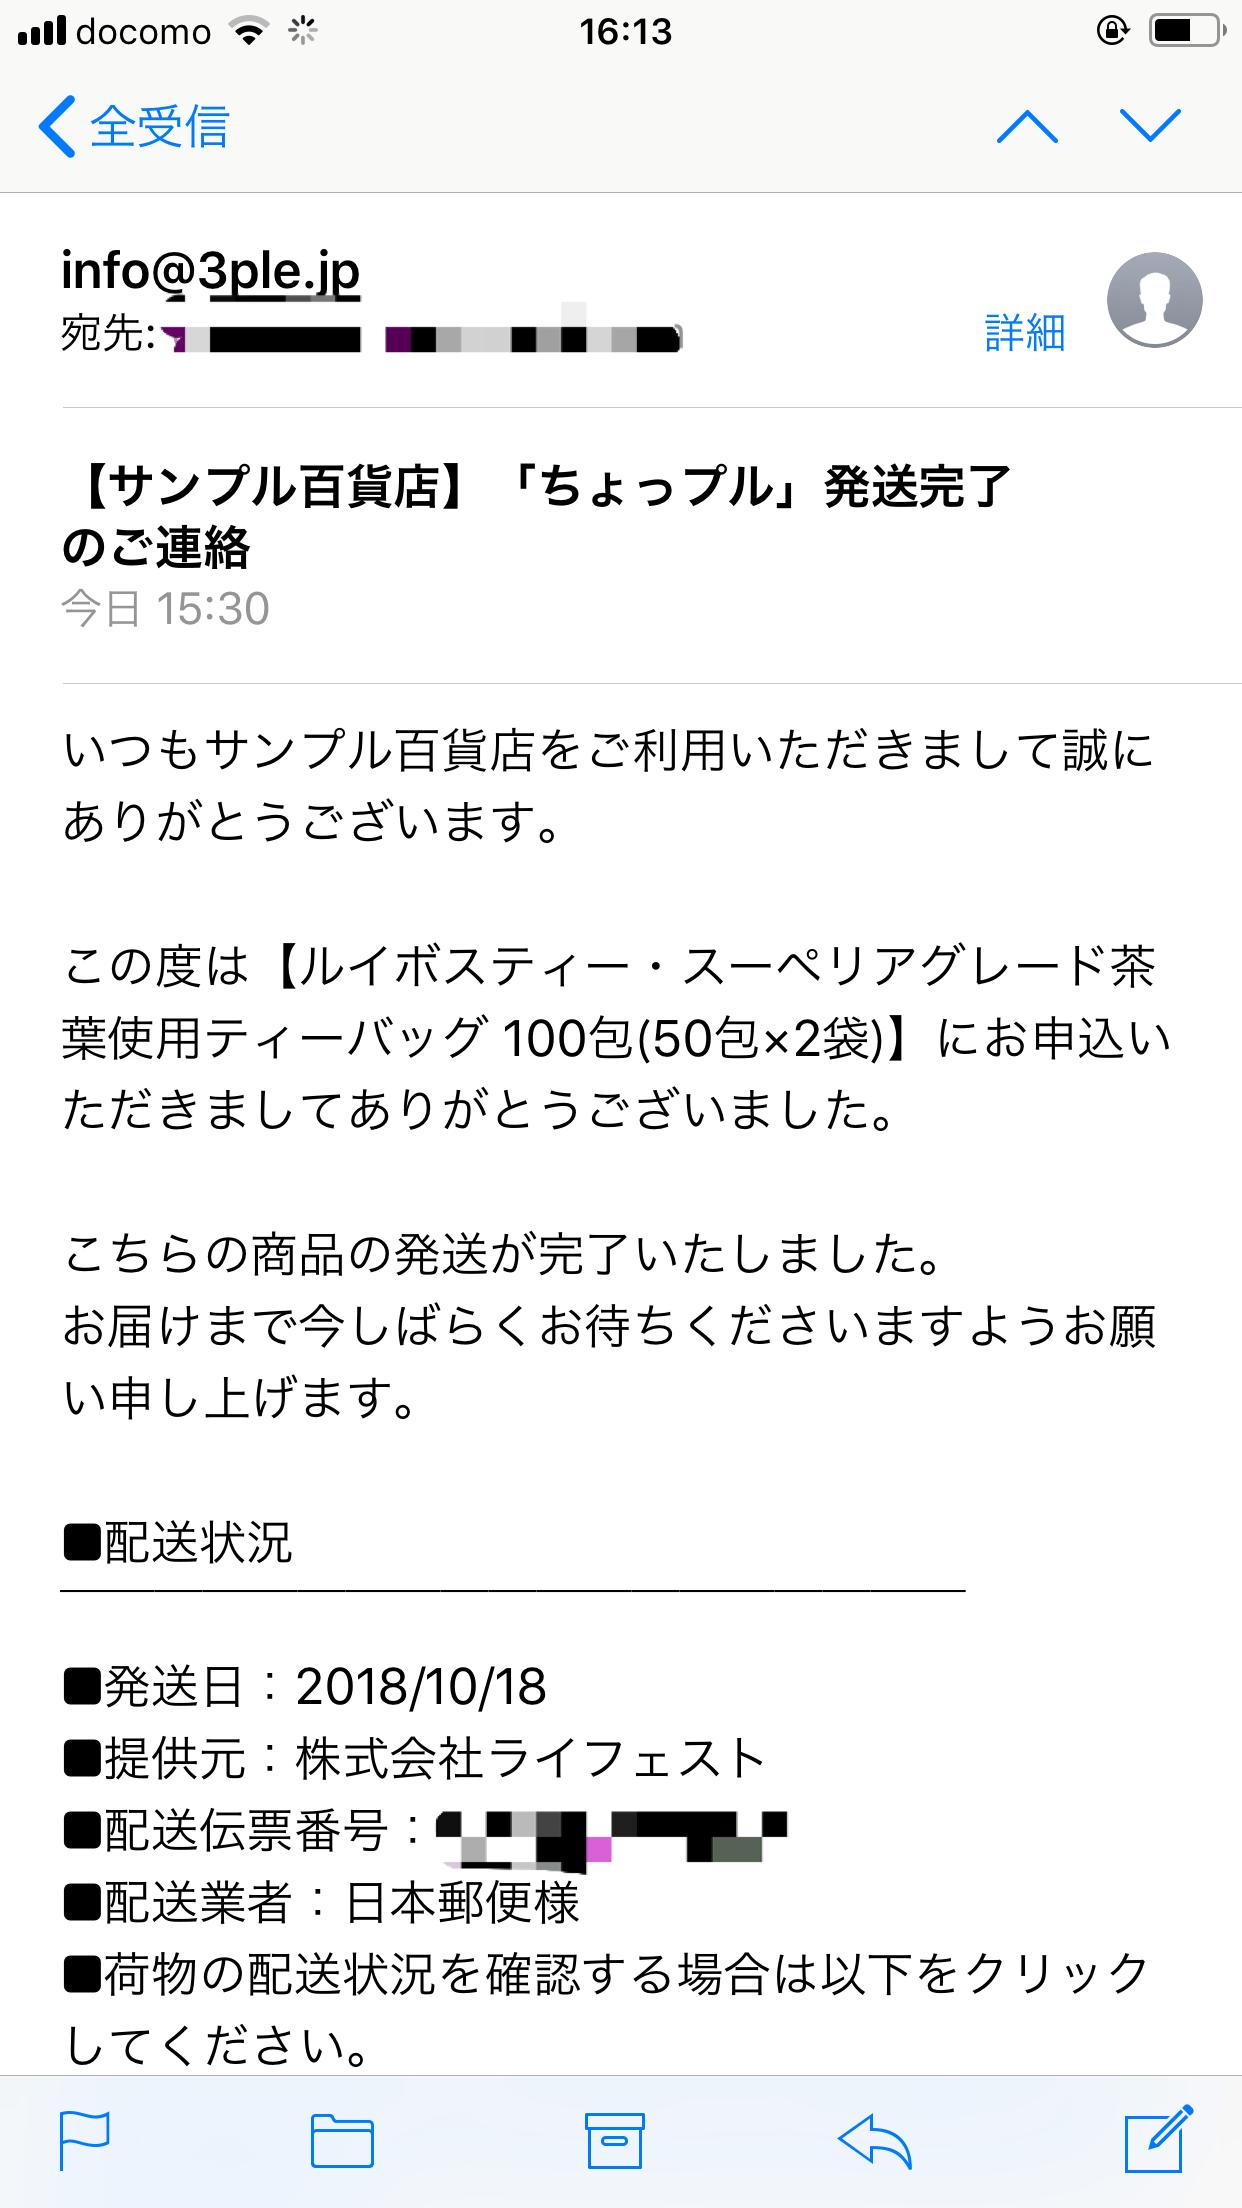 サンプル百貨店 発送連絡